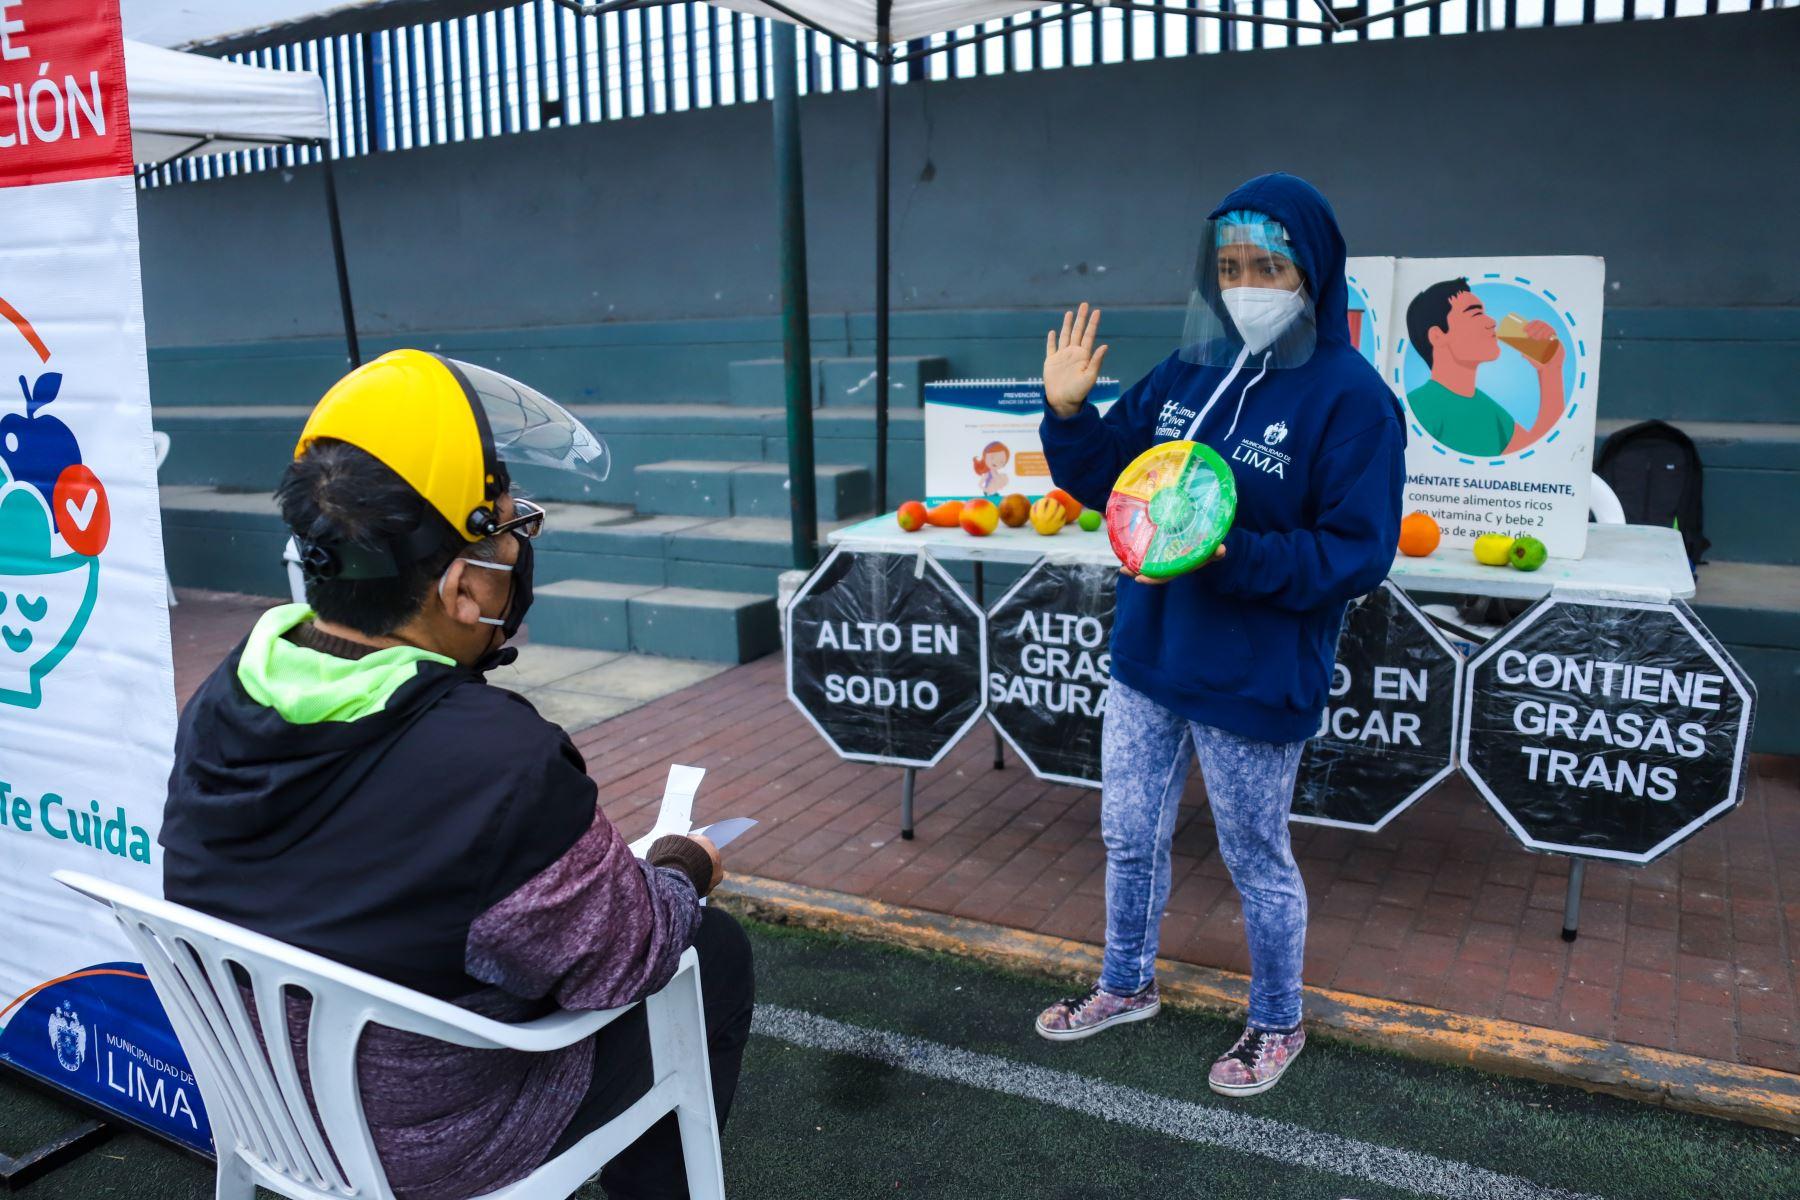 Gracias a la iniciativa Lima Te Cuida, la comuna limeña llevará a cabo, también, una feria informativa, donde los vecinos podrán acceder a talleres de convivencia familiar, charlas sobre promoción de la lectura, acciones para acabar con la violencia contra la mujer. ANDINA/Municipalidad de Lima